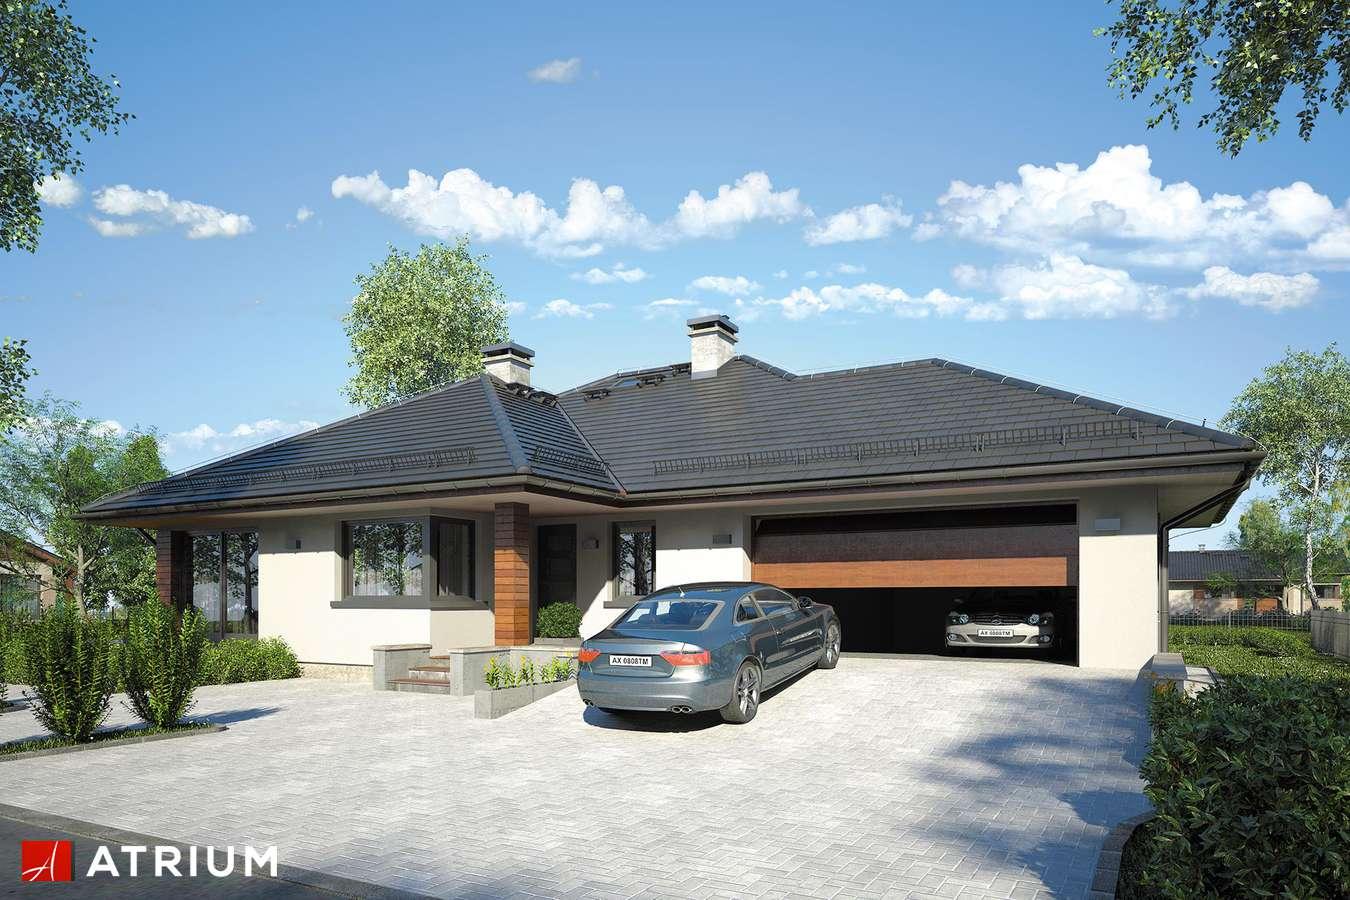 Projekty domów - Projekt domu parterowego SATURN IV - wizualizacja 1